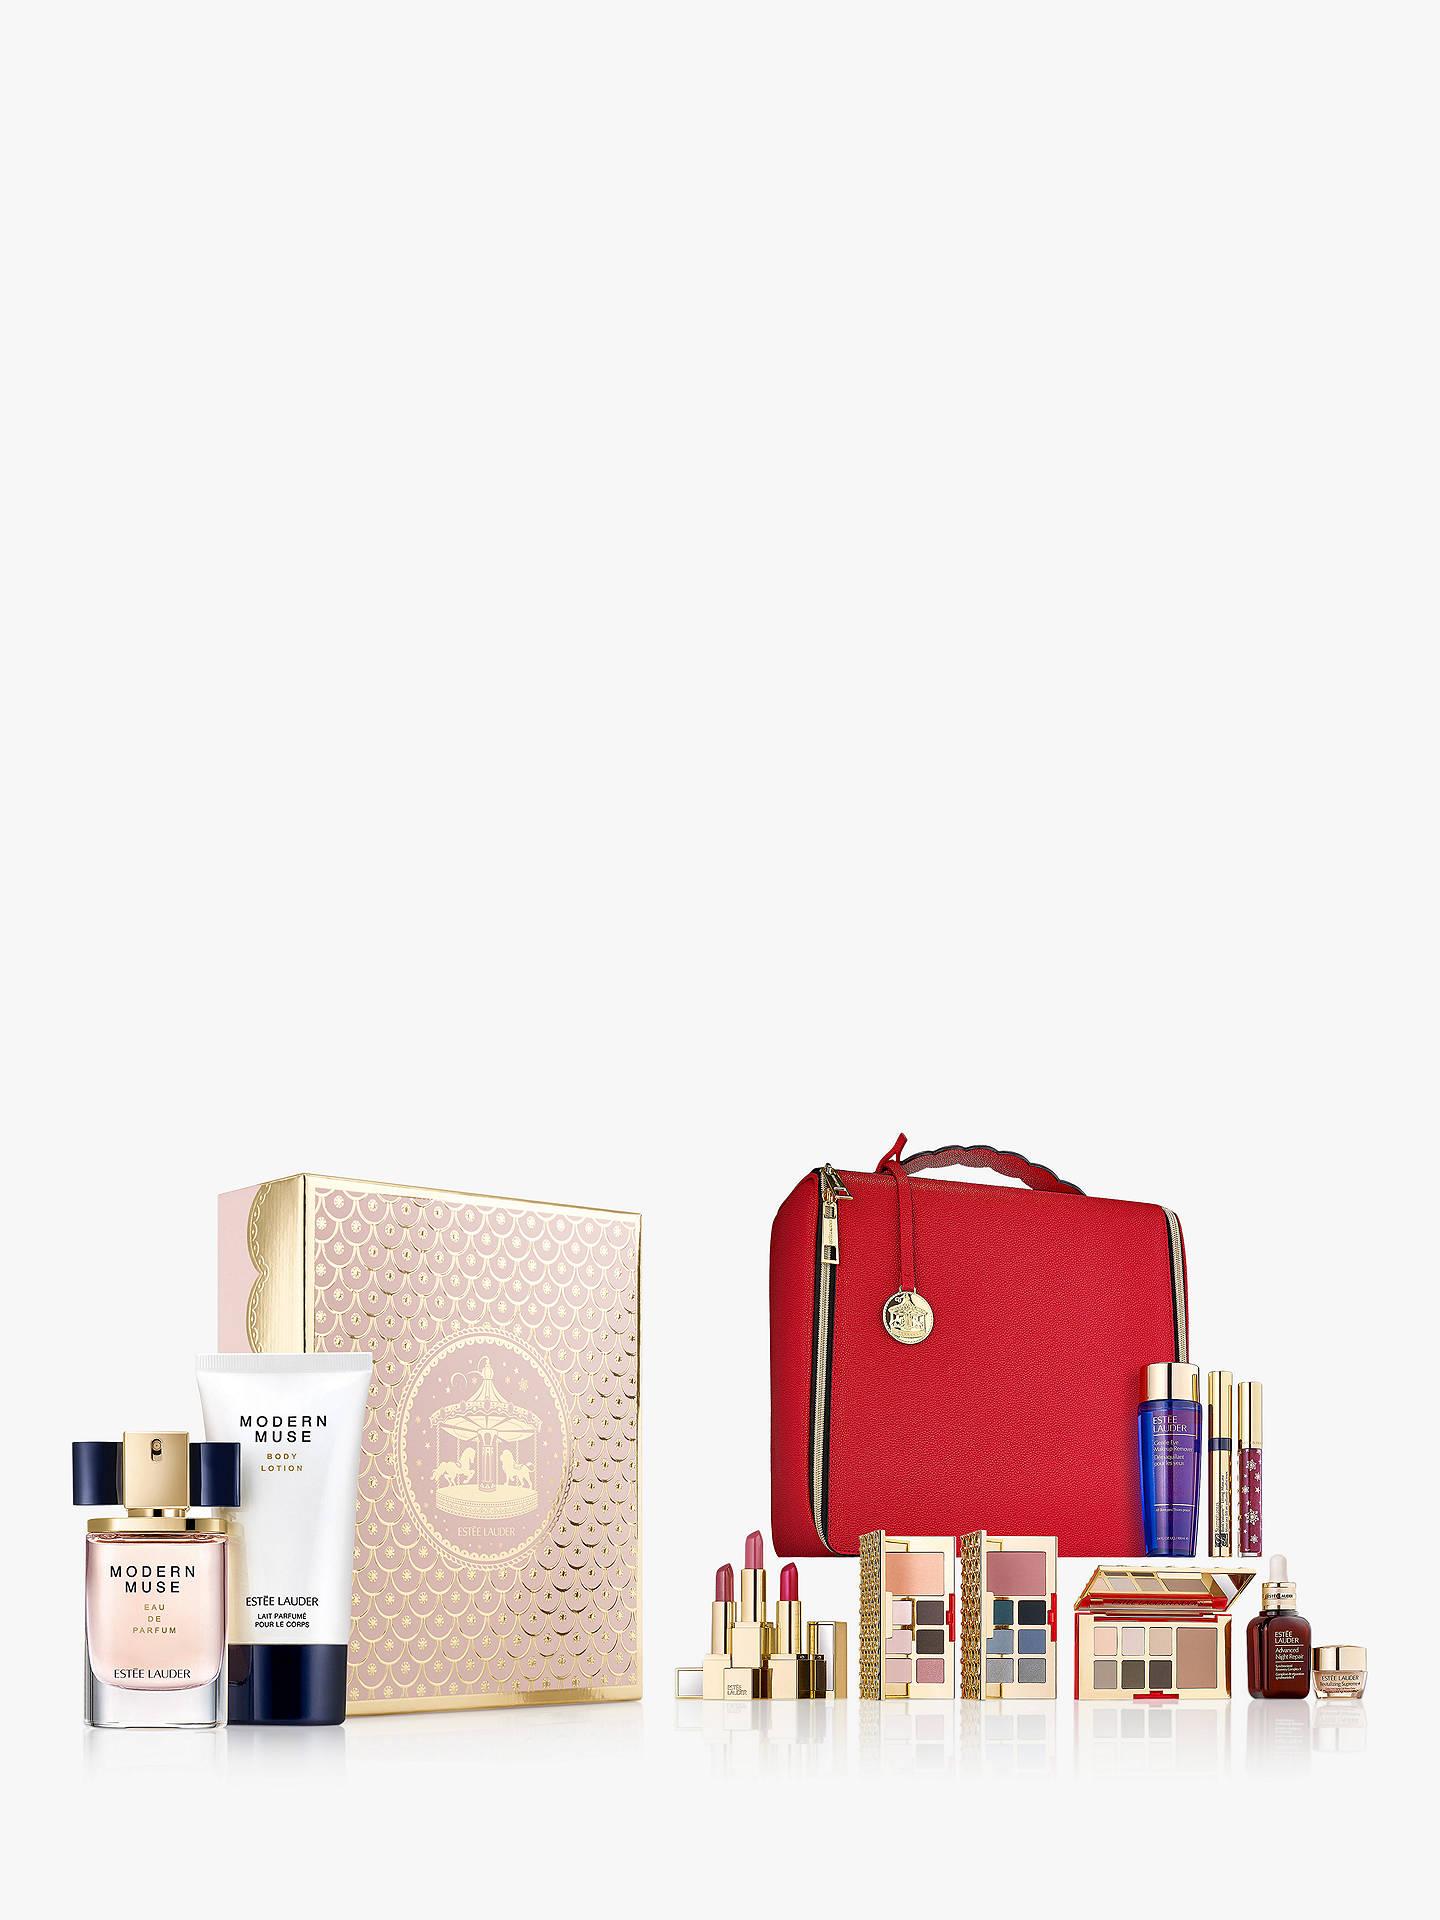 Este Lauder Modern Muse Fragrance Set With Blockbuster Collection Guerlain Lamp039instant Extreme Pour Homme Eau De Parfum 75ml Buyeste Online At